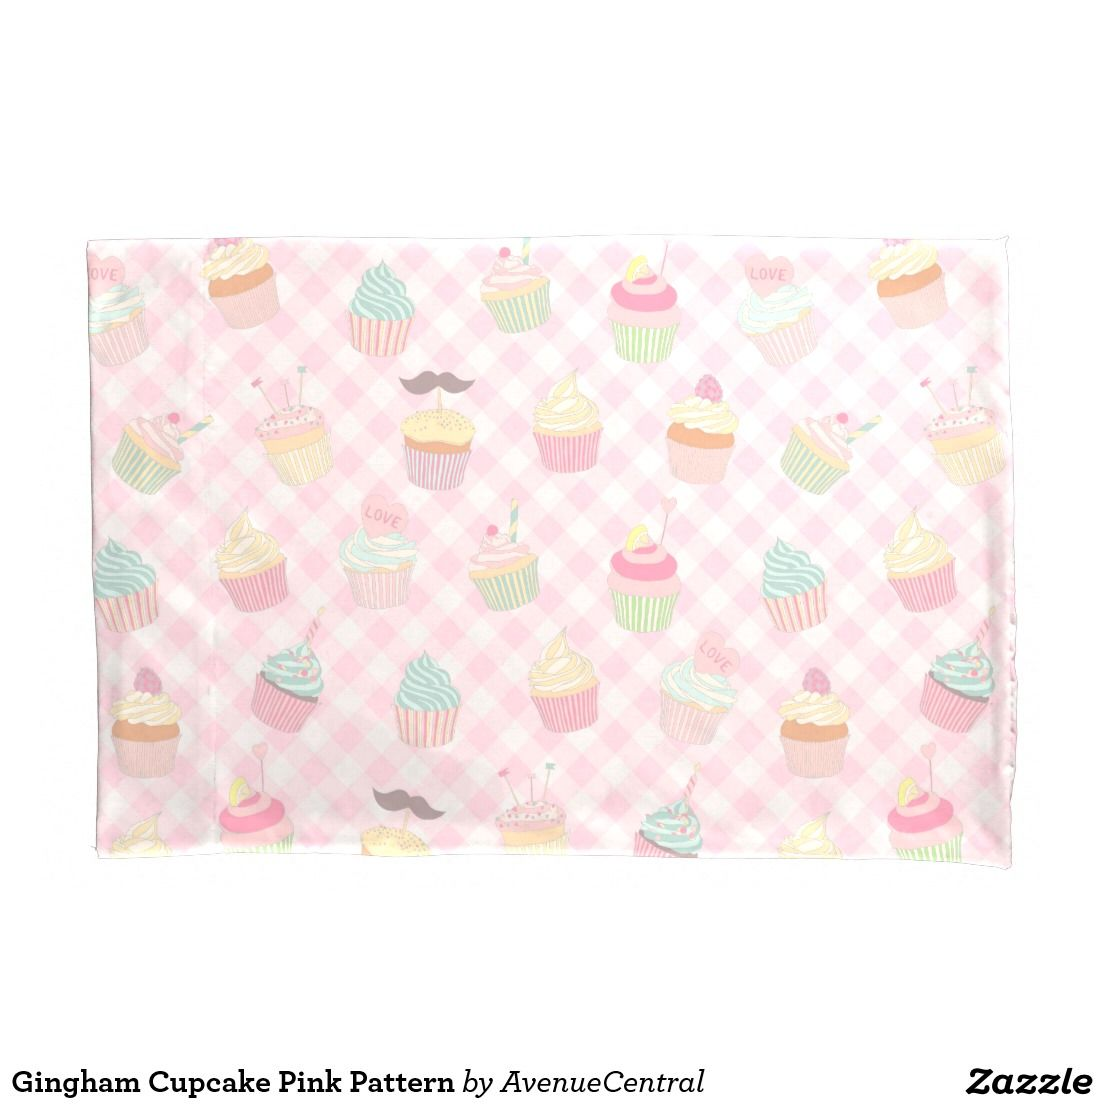 Gingham Cupcake Pink Pattern Pillowcase #gingham #cupcake #girly #pillowcase